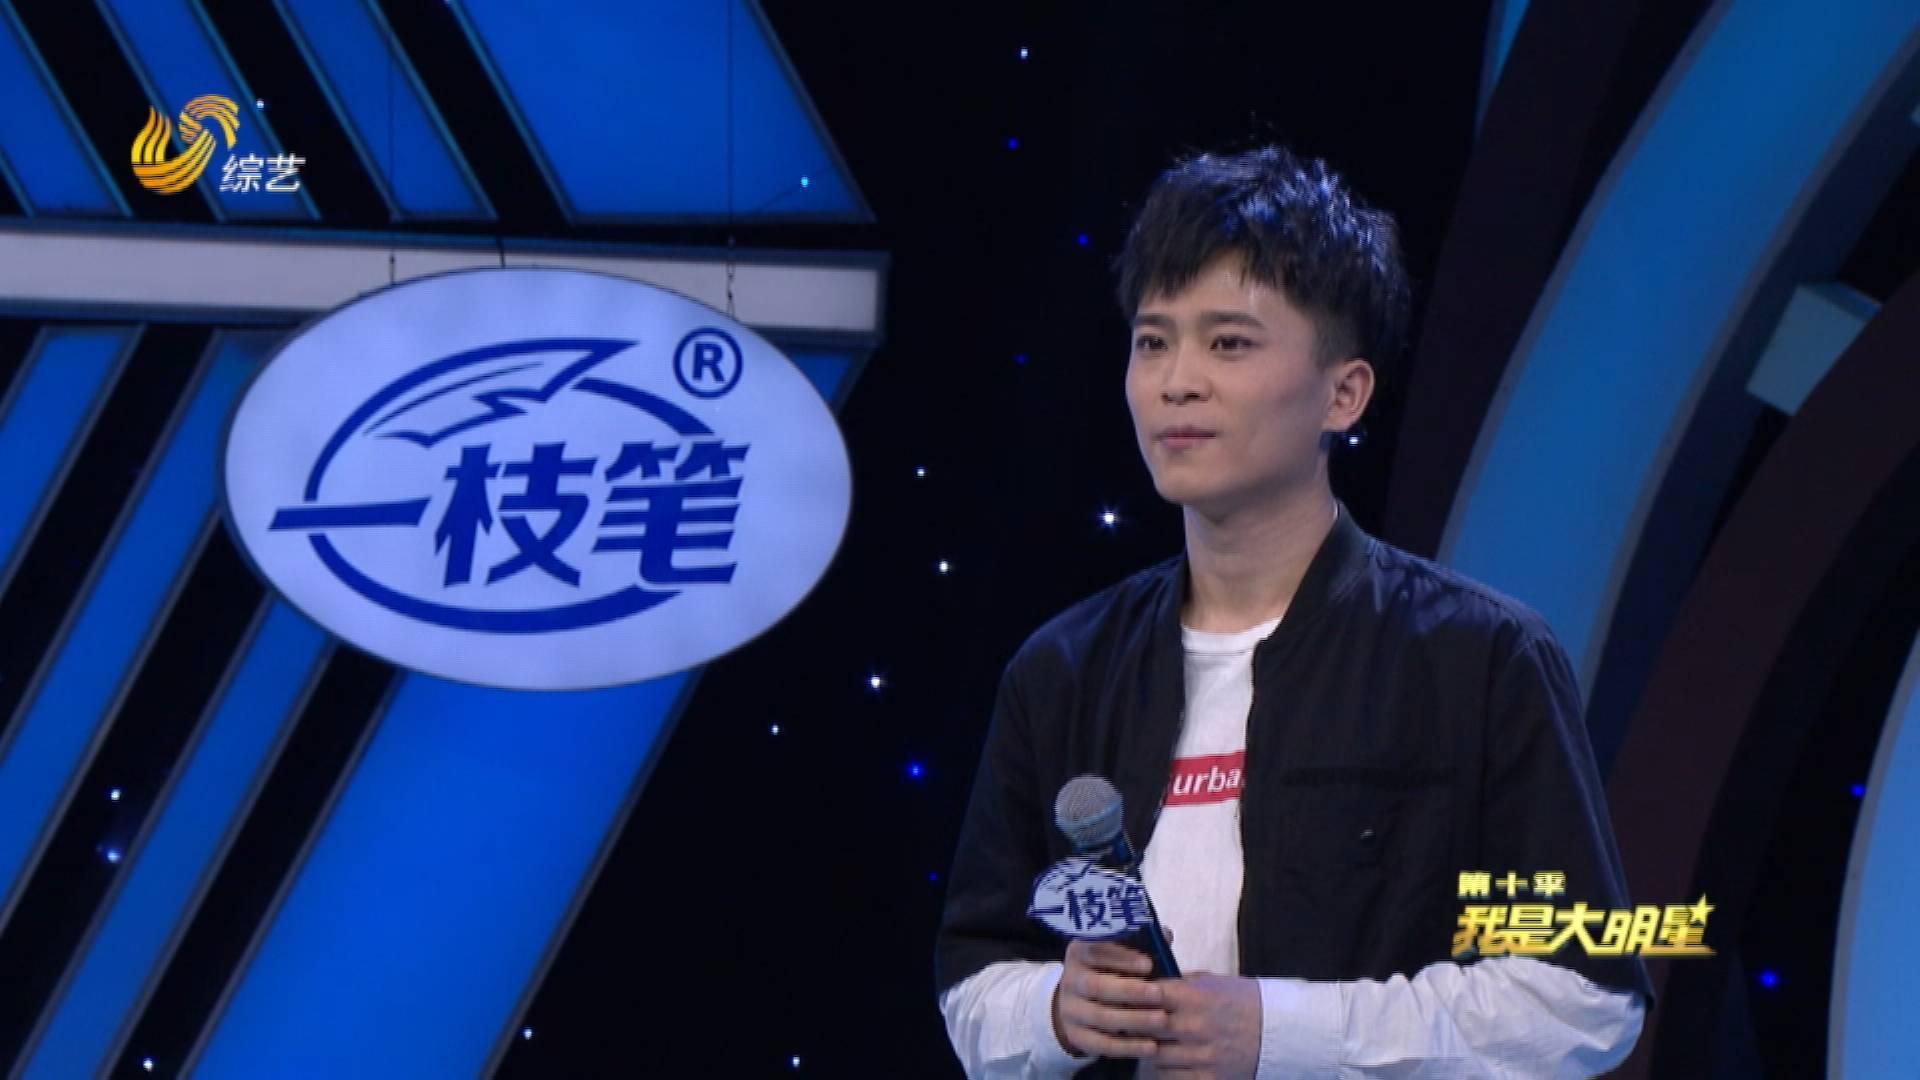 青岛小哥哥长得帅唱得好!李鑫现场考验后夸赞:真稳啊!